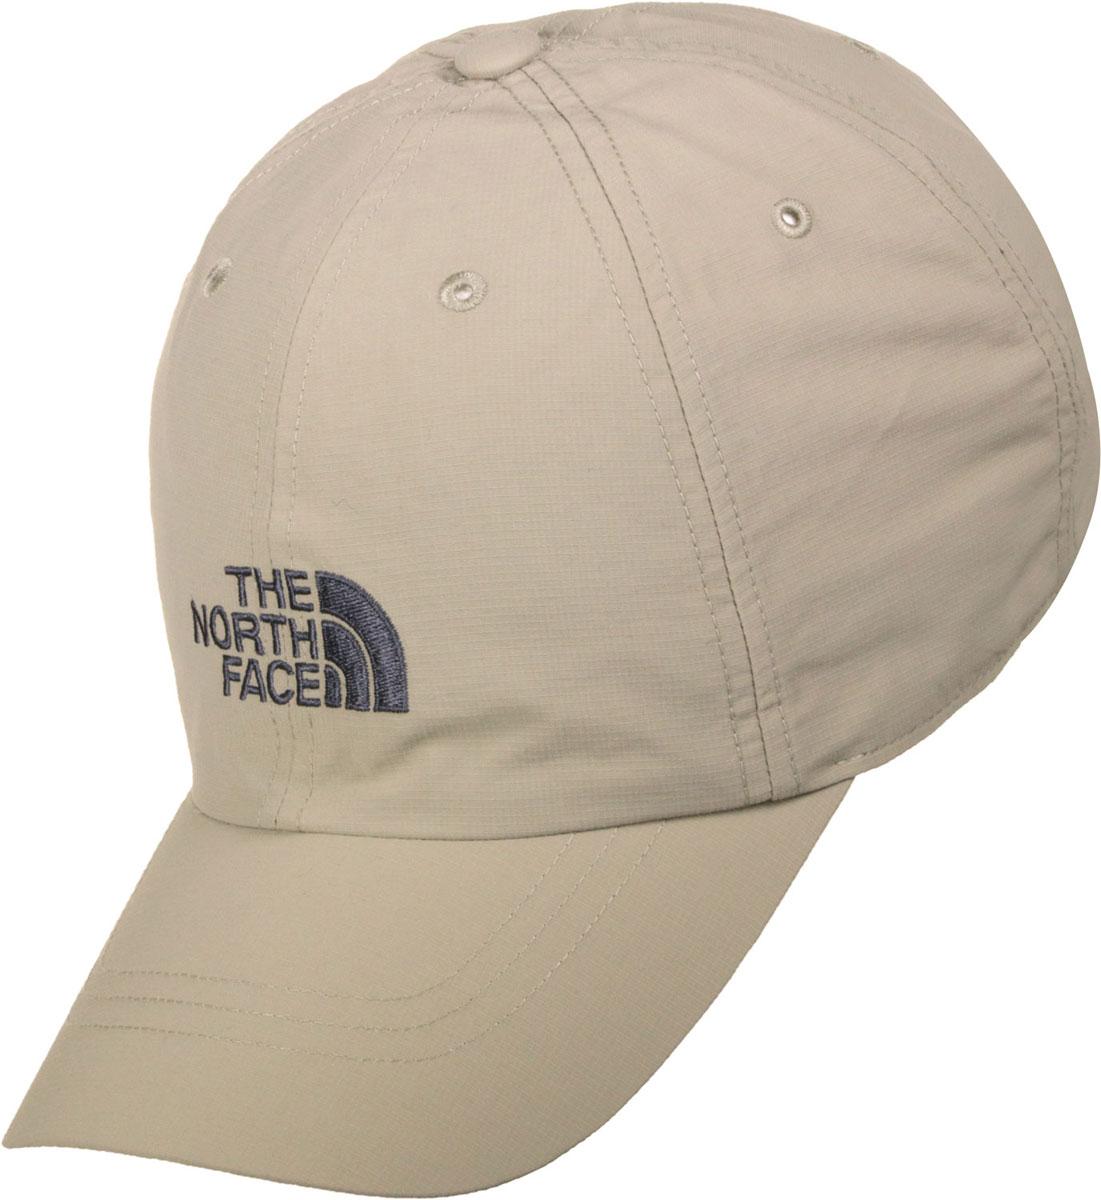 T0CF7W0SSHorizon Ball Cap - стильная кепка для летних приключений, она очень легкая, имеет внутреннюю сетчатую полоску и доступна в самых разных цветовых решениях.